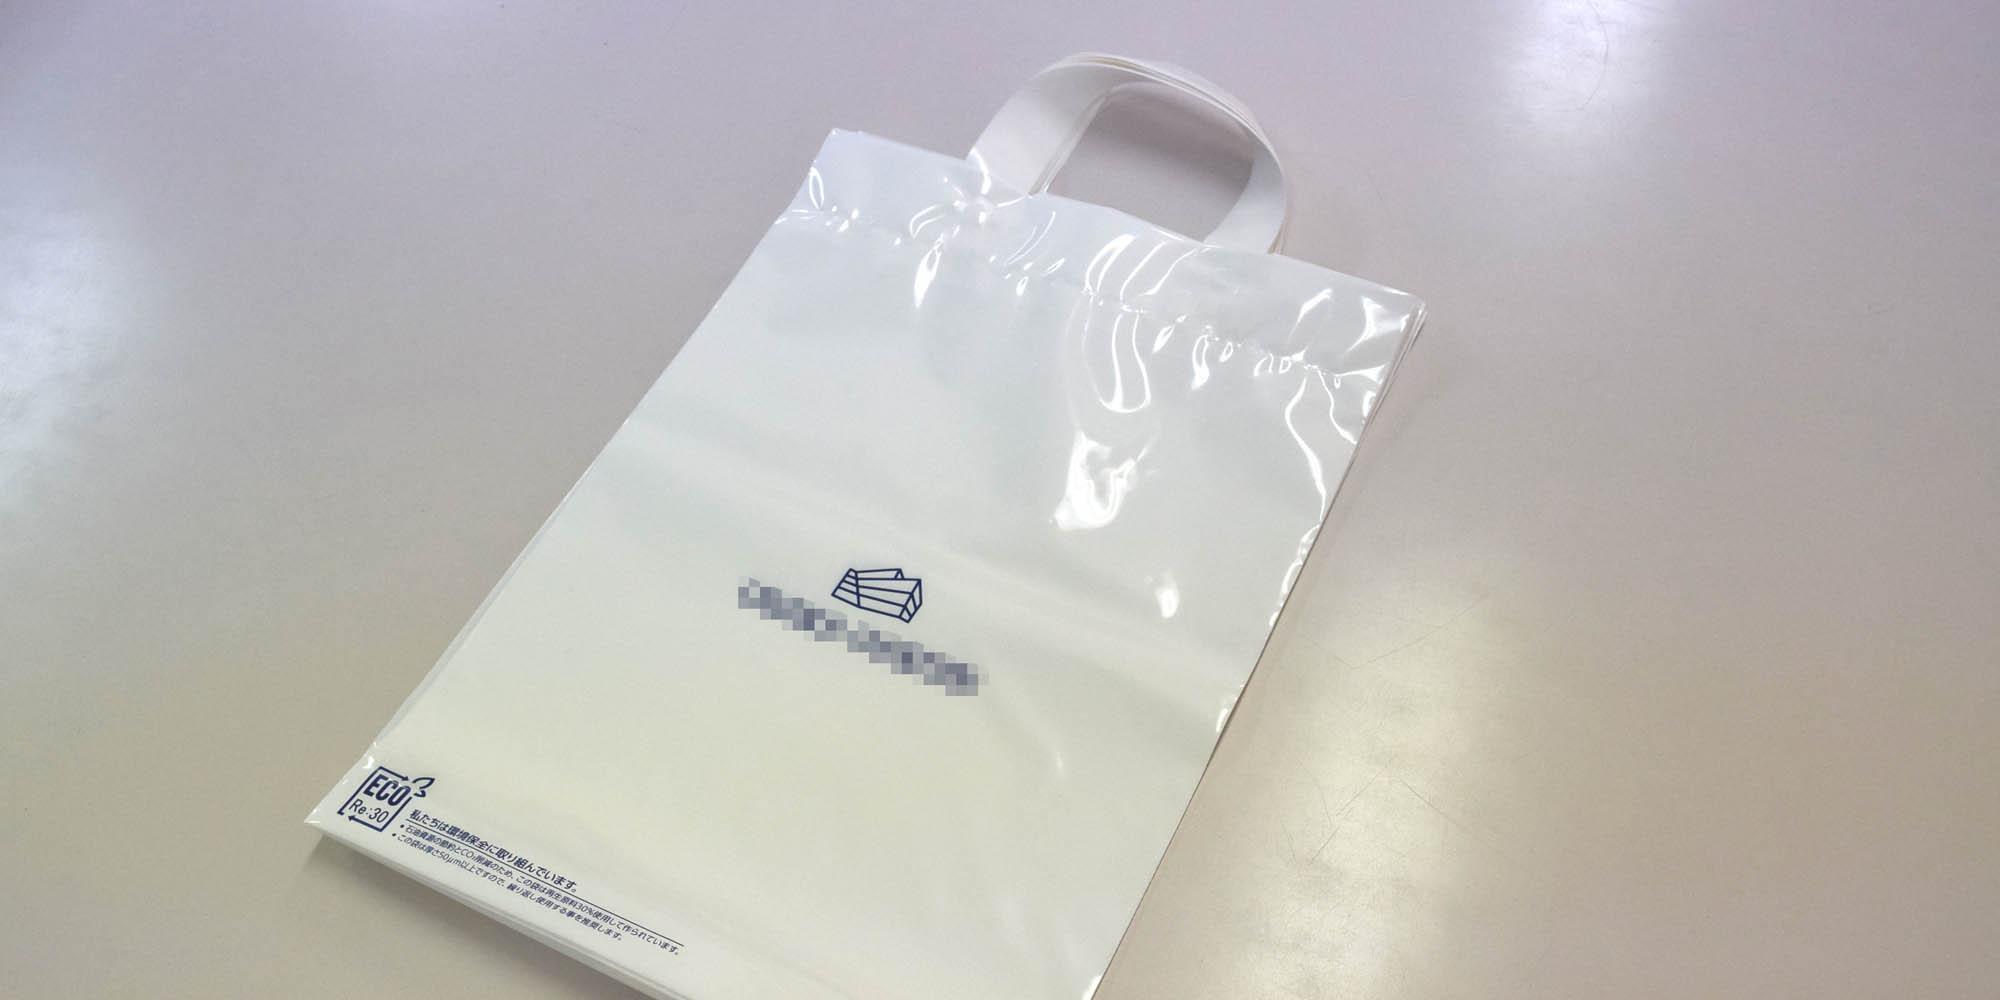 環境に配慮した「再生プラスチック」使用の、ポリ袋(持ち手つきのリボンバッグ)高校向け